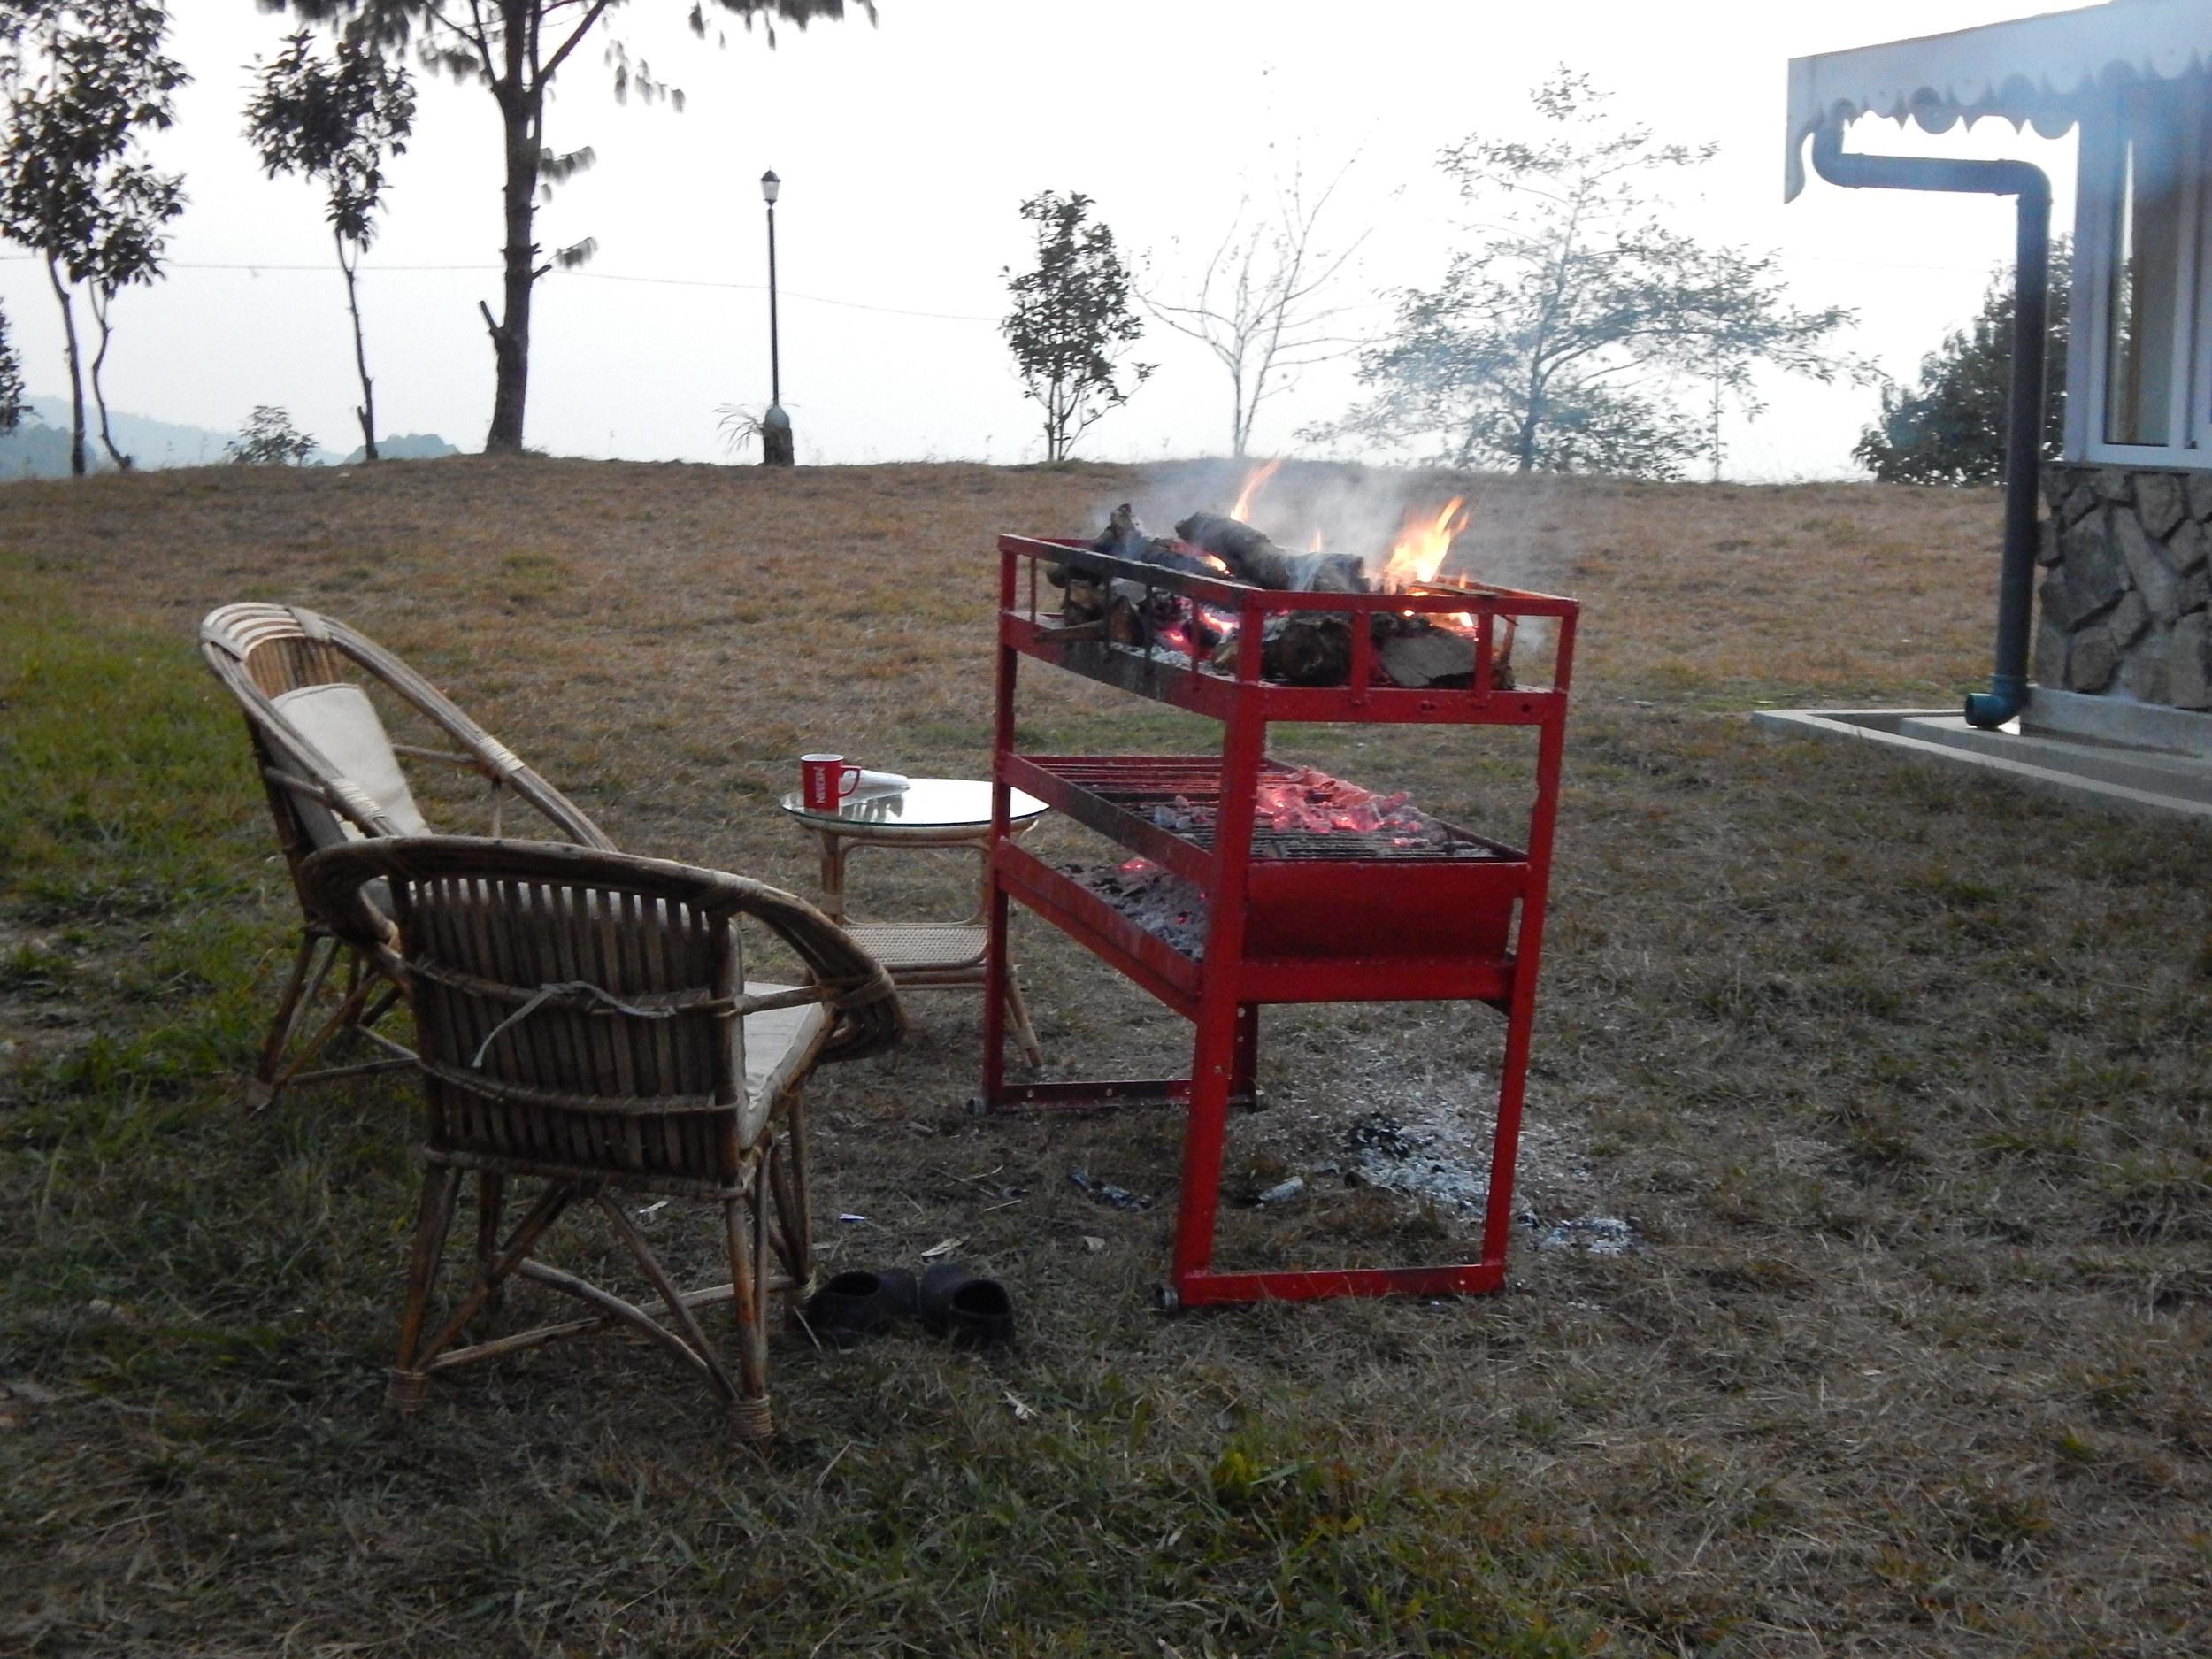 A winter barbecue